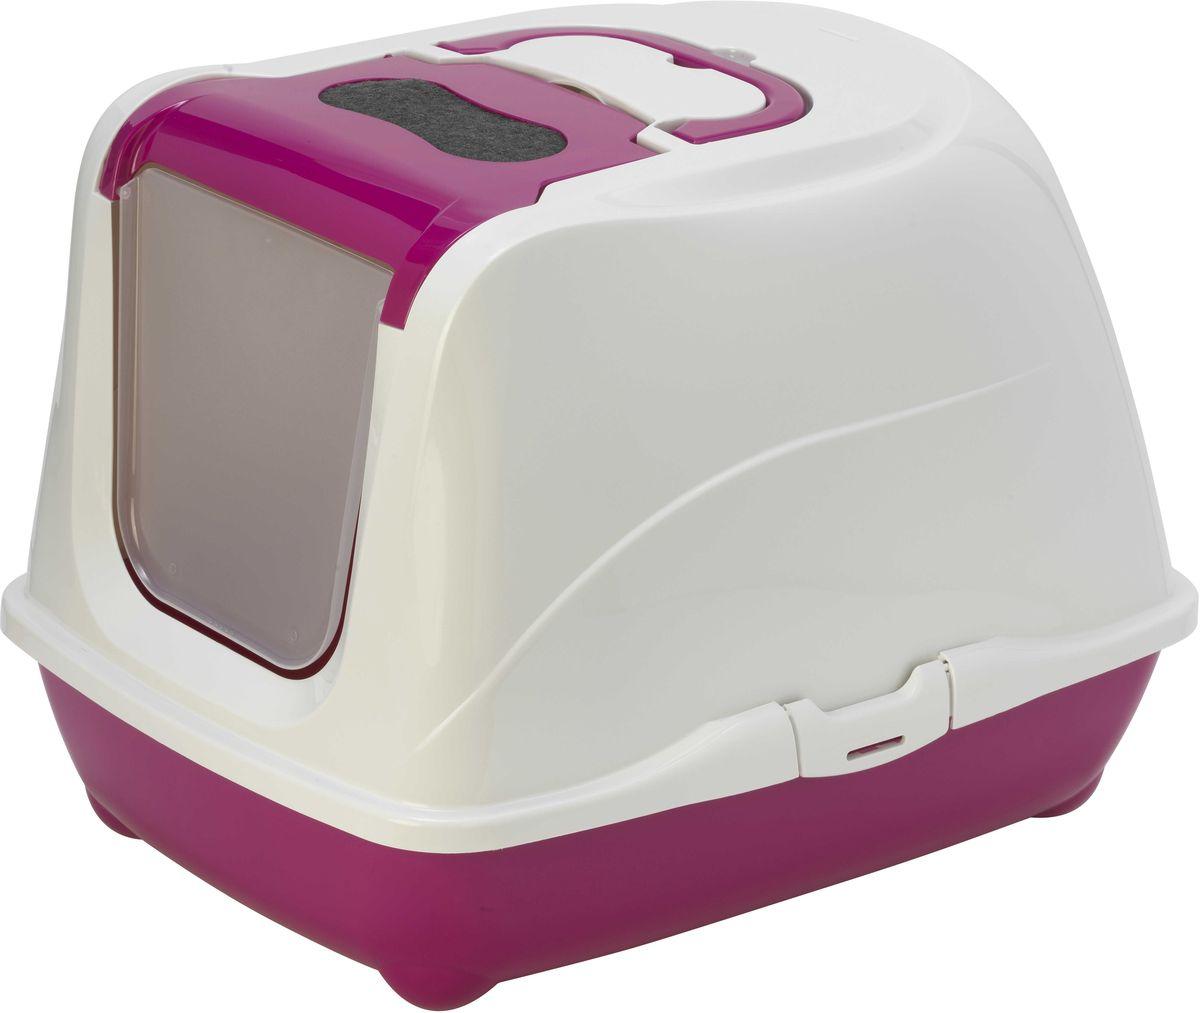 Туалет для больших кошек Moderna Flip Cat, закрытый, цвет: ярко-розовый, 58 х 45 х 42 см14C240328Закрытый туалет для кошек Flip Cat выполнен из высококачественного пластика. Туалет оснащен прозрачной открывающейся дверцей, сменным фильтром и удобной ручкой для переноски. Такой туалет избавит ваш дом от неприятного запаха и разбросанных повсюду частичек наполнителя. Кошка в таком туалете будет чувствовать себя увереннее, ведь в этом укромном уголке ее никто не увидит. Кроме того, яркий дизайн с легкостью впишется в интерьер вашего дома. Туалет легко открывается для чистки благодаря практичным защелкам по бокам.